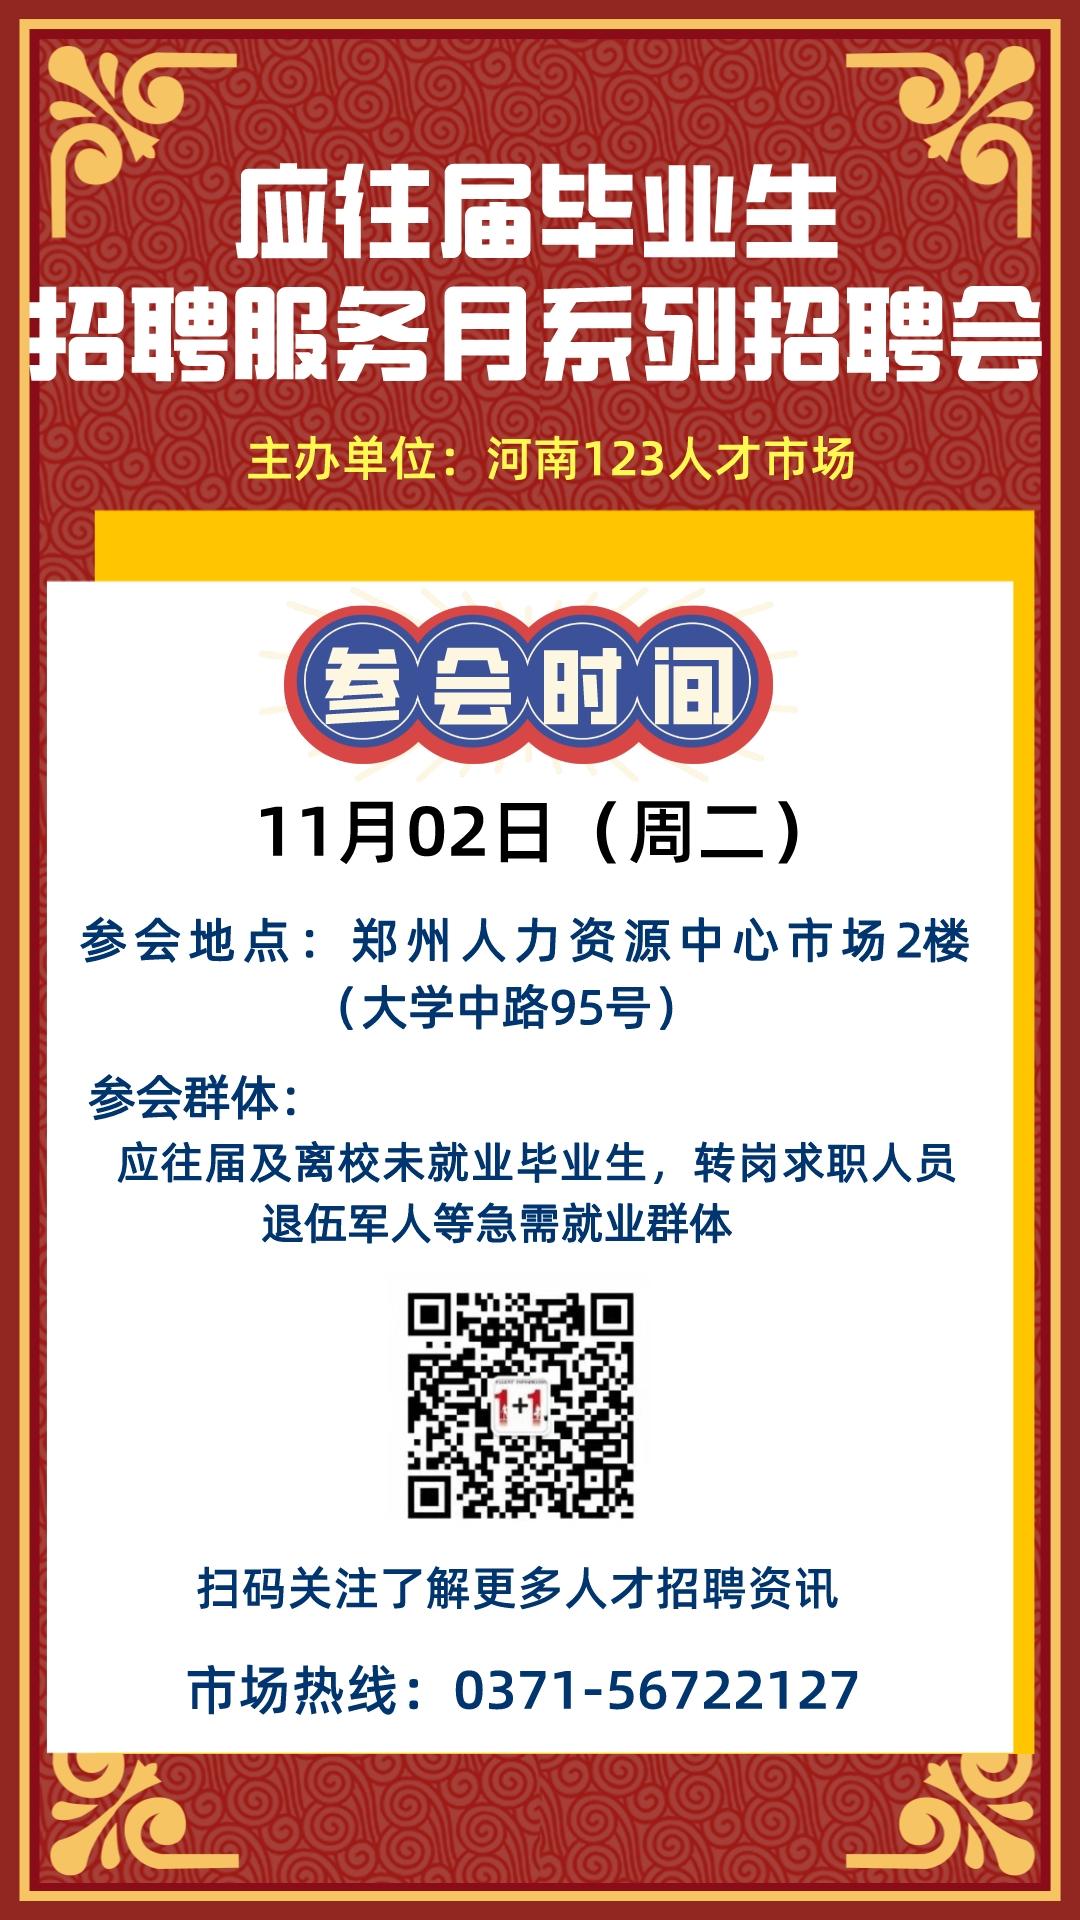 11月郑州首场大型现场招聘会将举办 近16000个岗位等你来